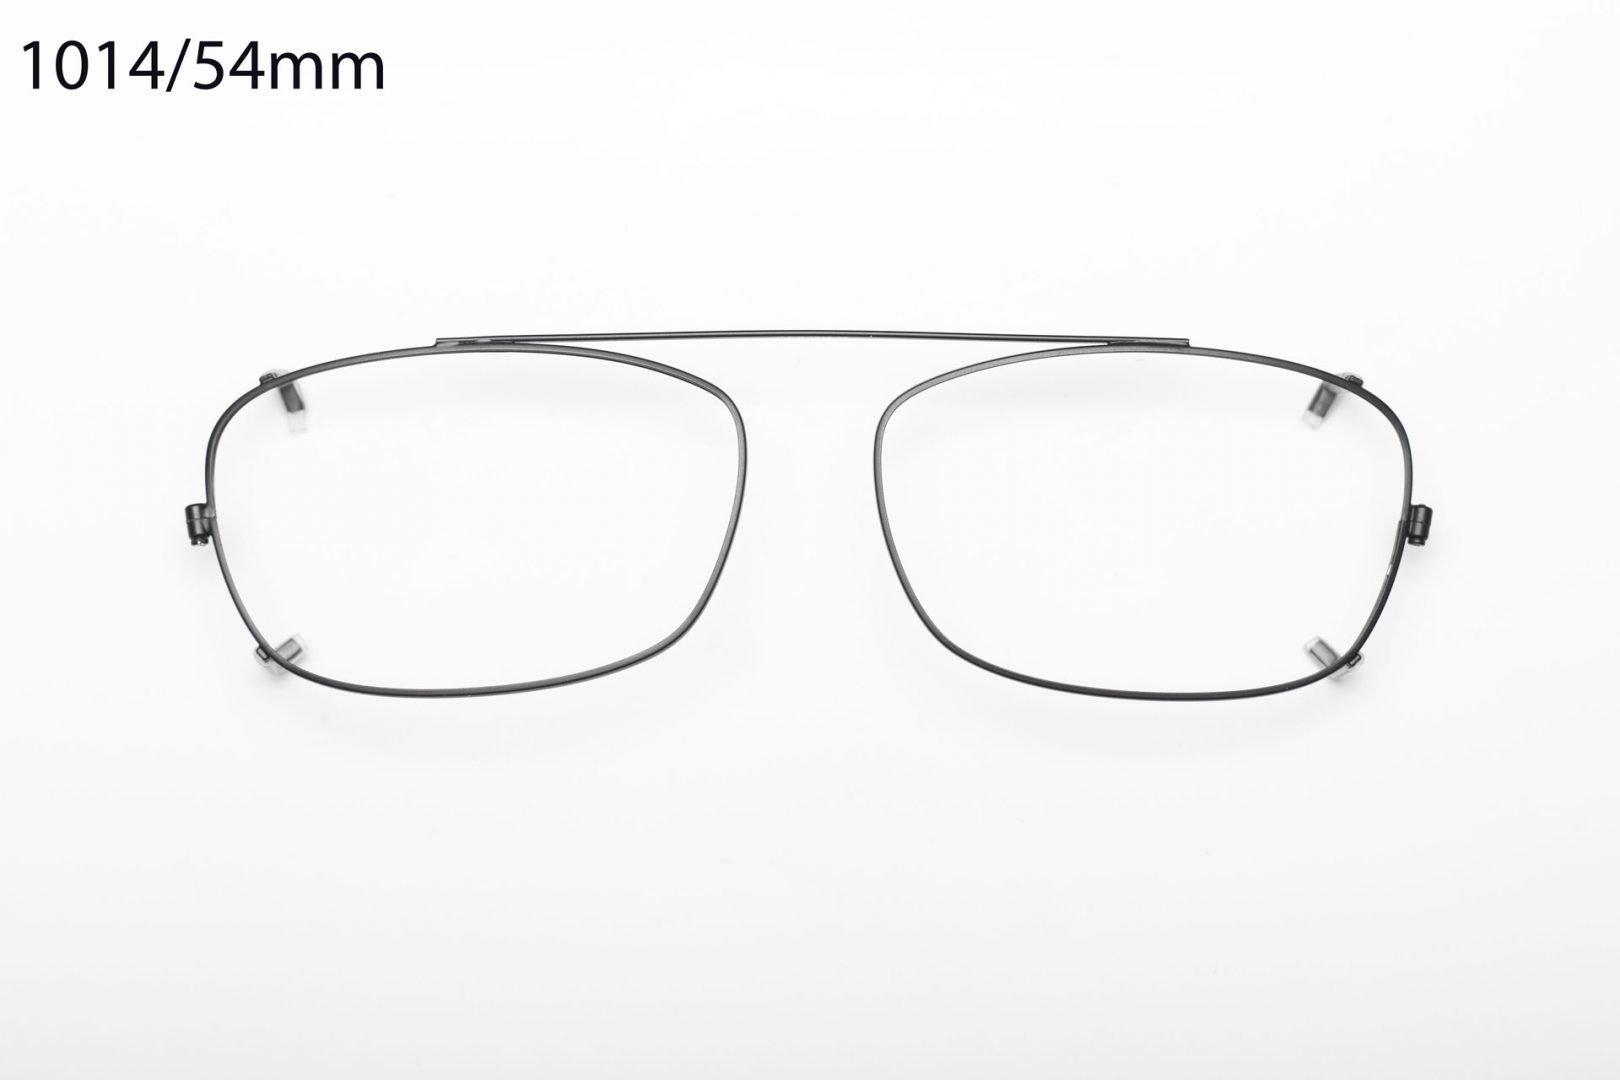 Modèle A70-101454mm